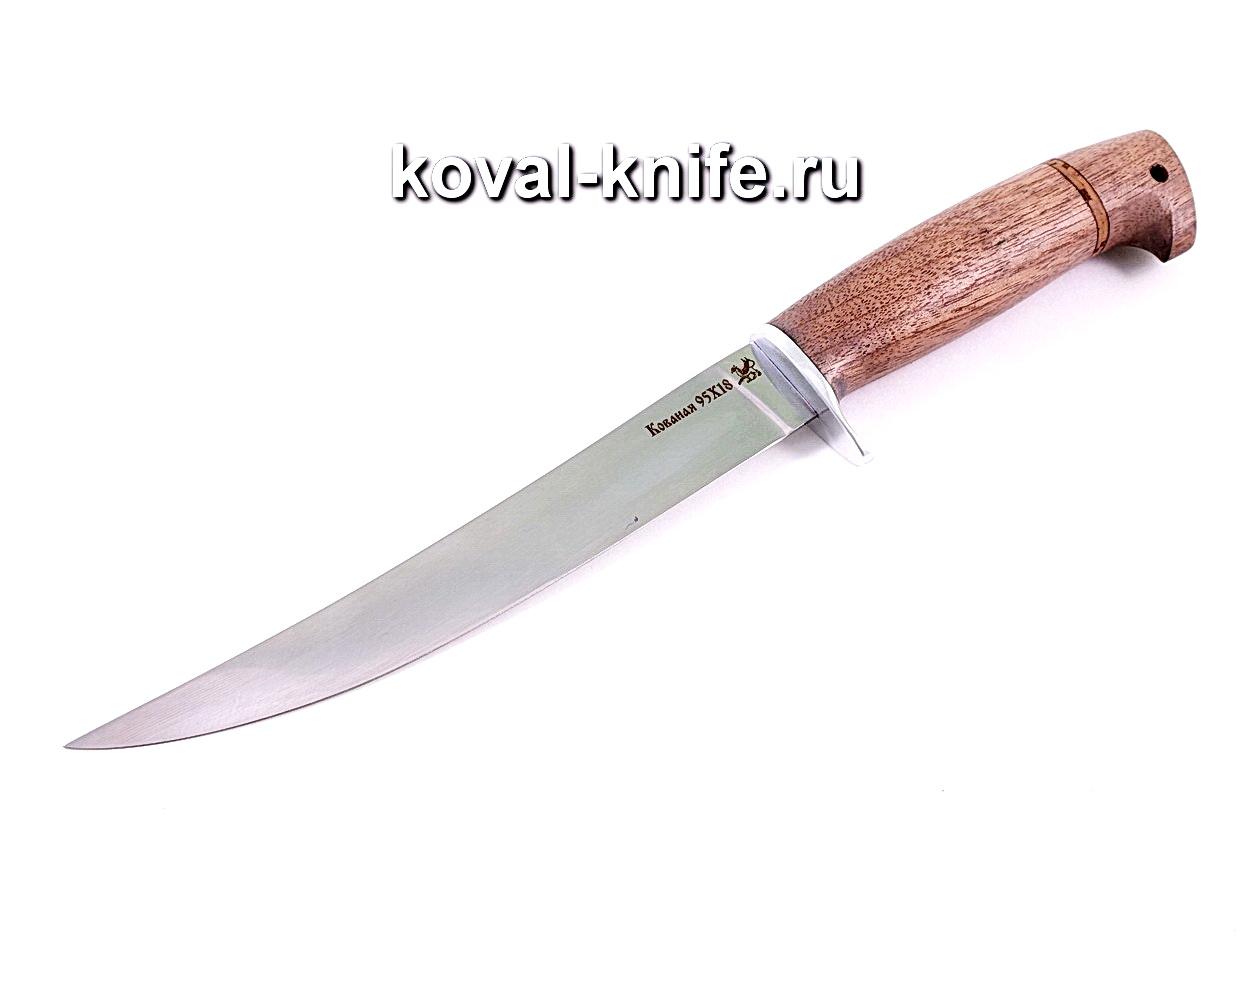 Нож Филейный (сталь 95х18), рукоять орех A137